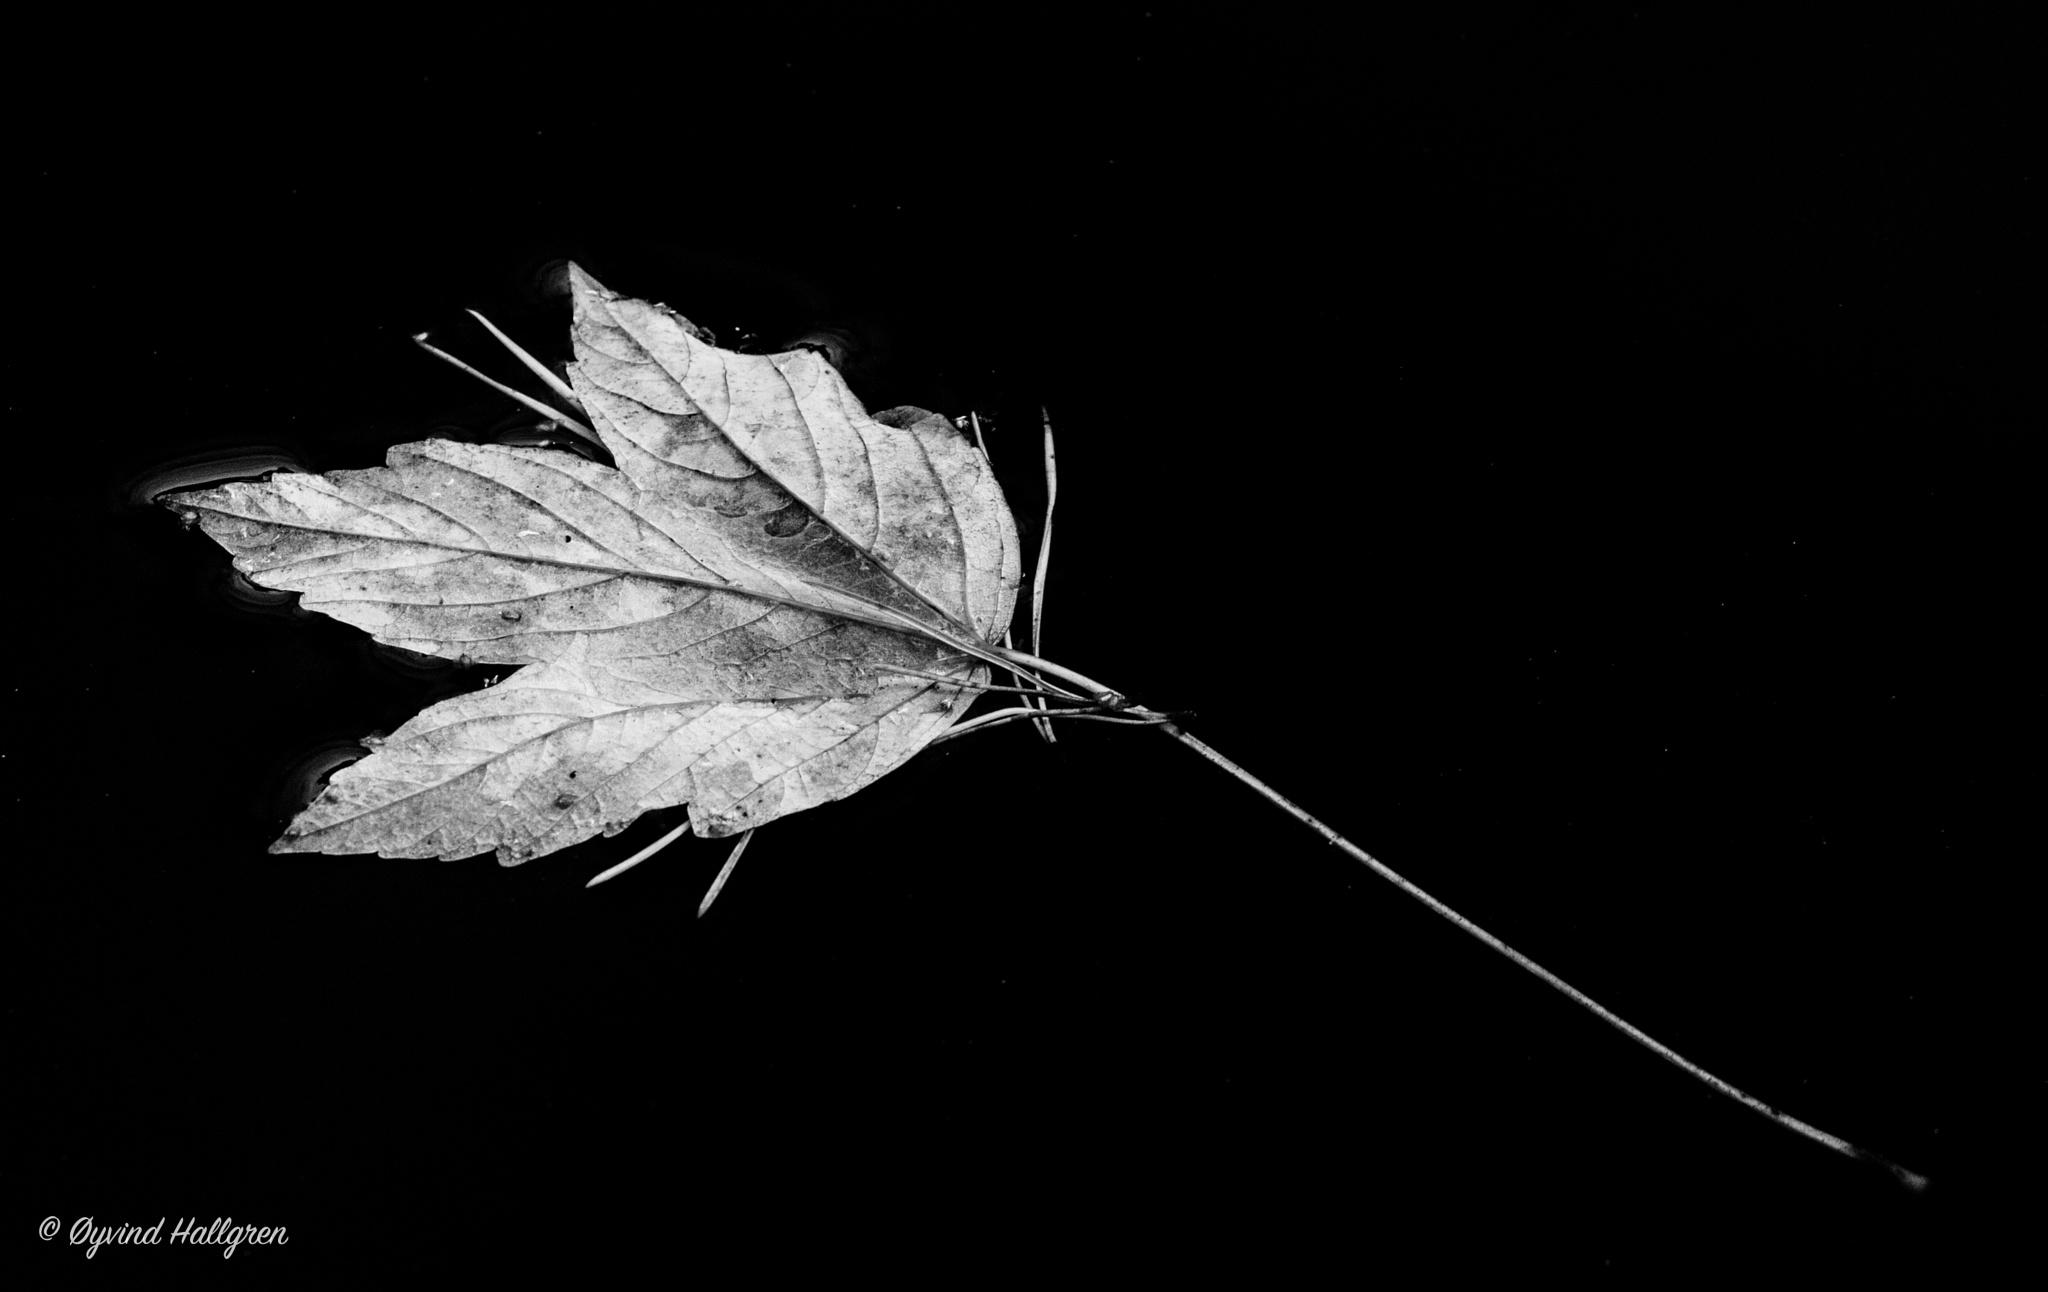 Autumn leaf on calm water by Hallgren